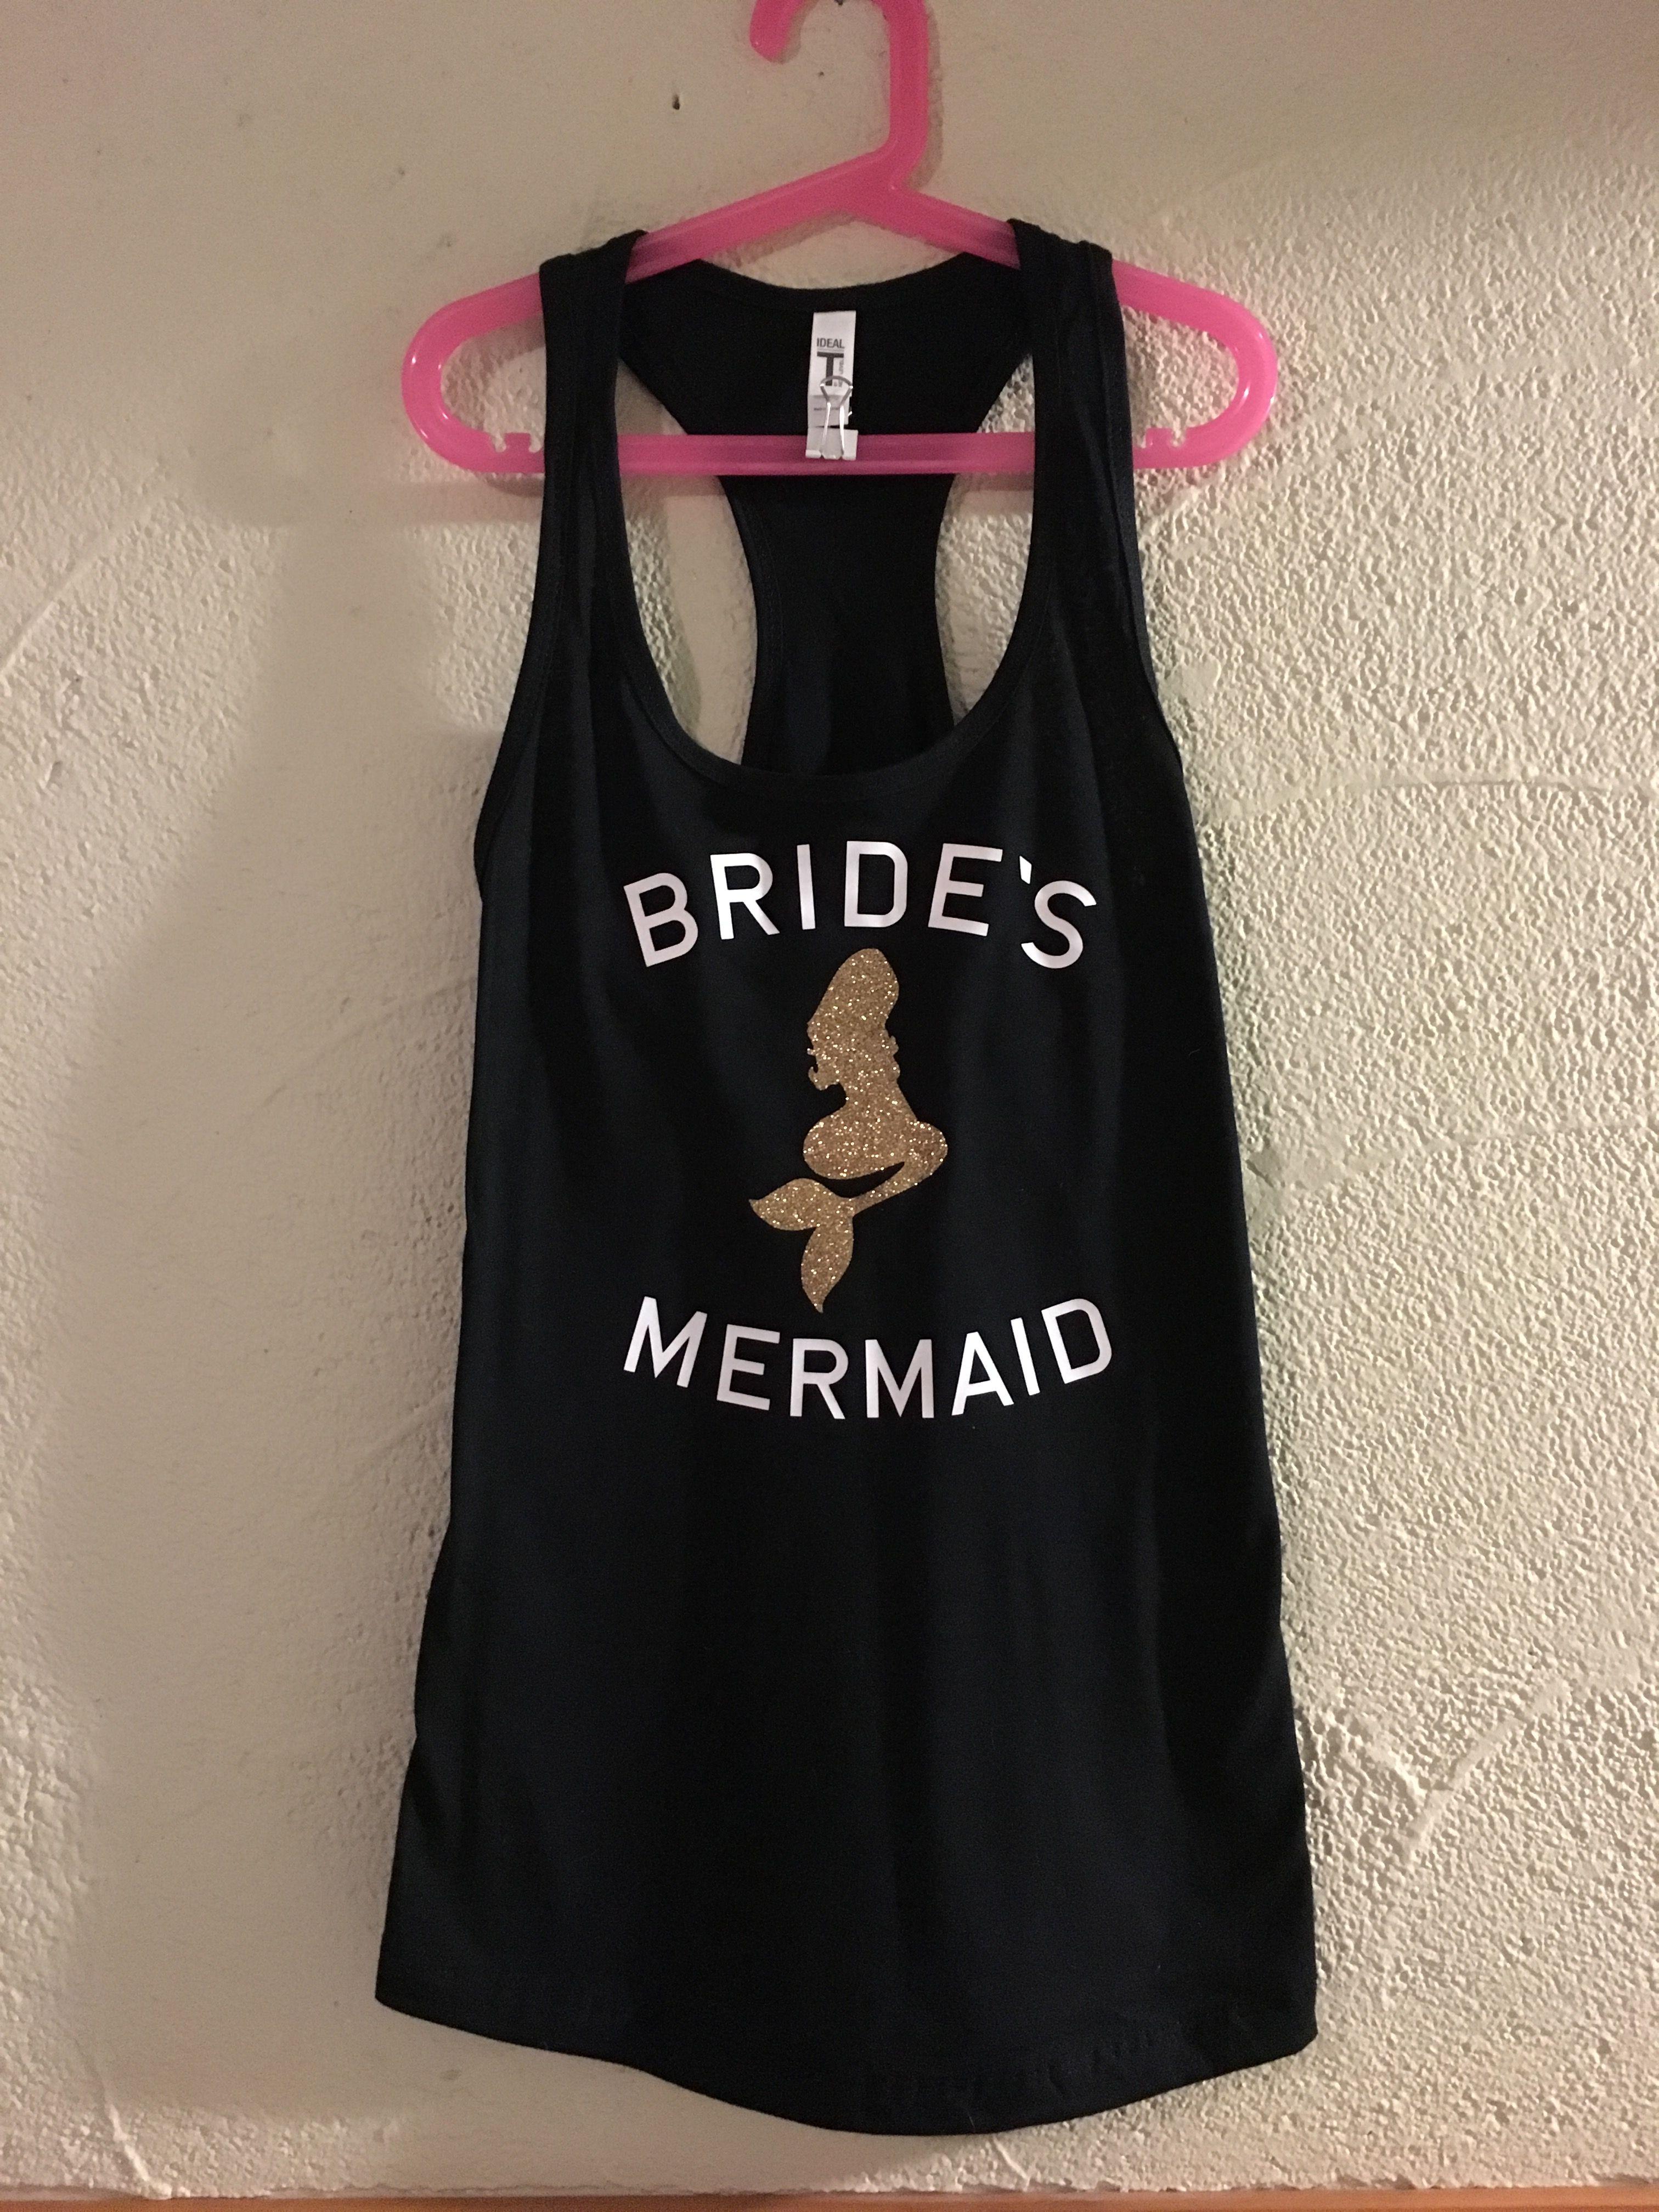 Brides mermaid custom tank, bridal party custom tank tops